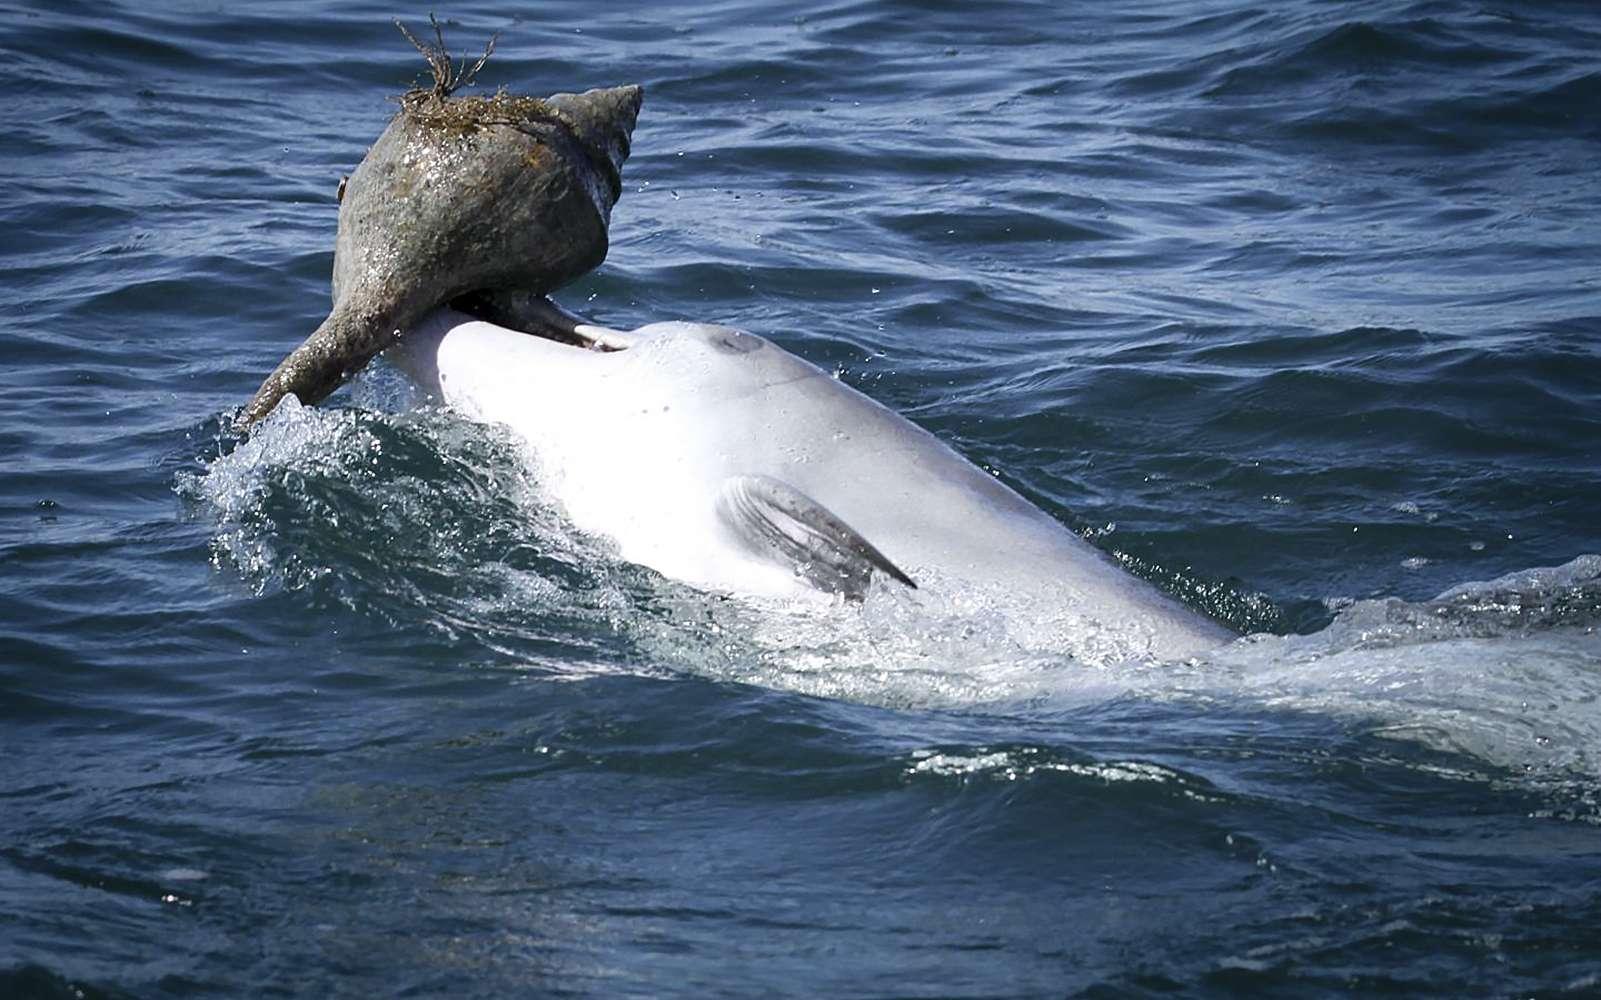 Les dauphins apprennent à piéger les poissons dans des coquillages